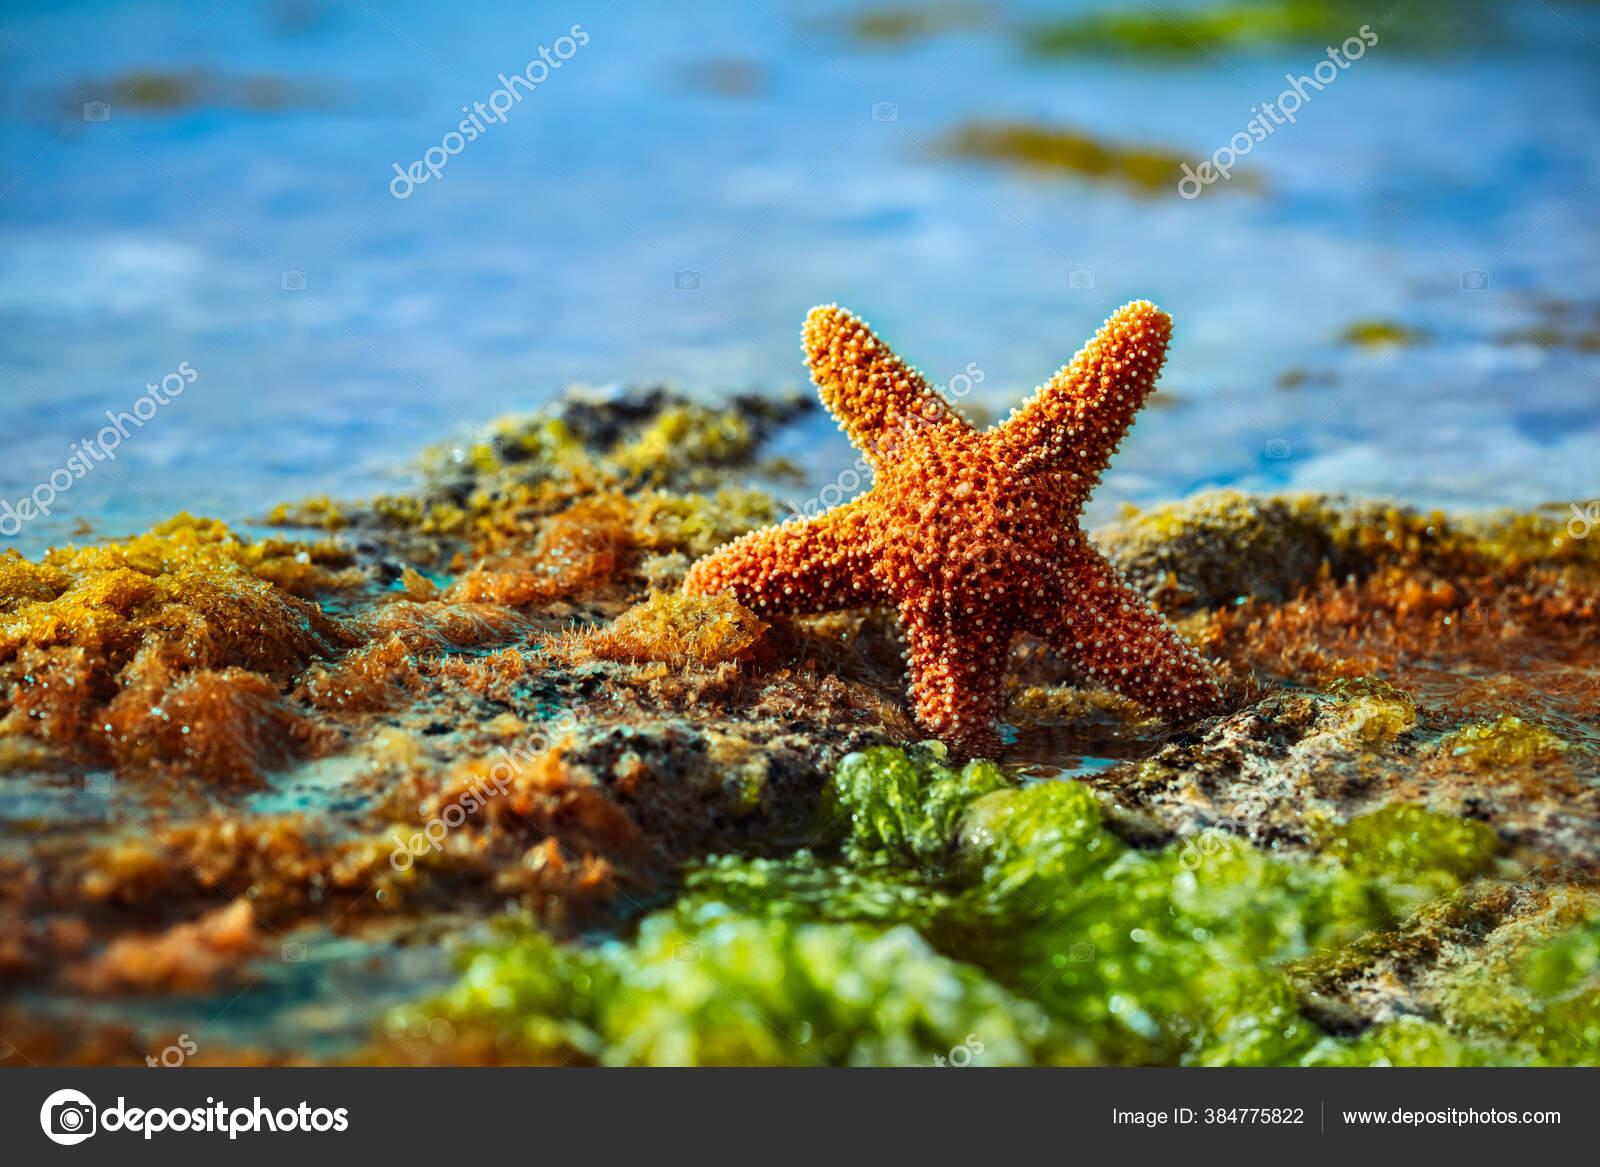 Pantai Bintang Laut Indah Bay Seaweed Bintang Laut Pulau Tropis Stok Foto C Anna Om 384775822